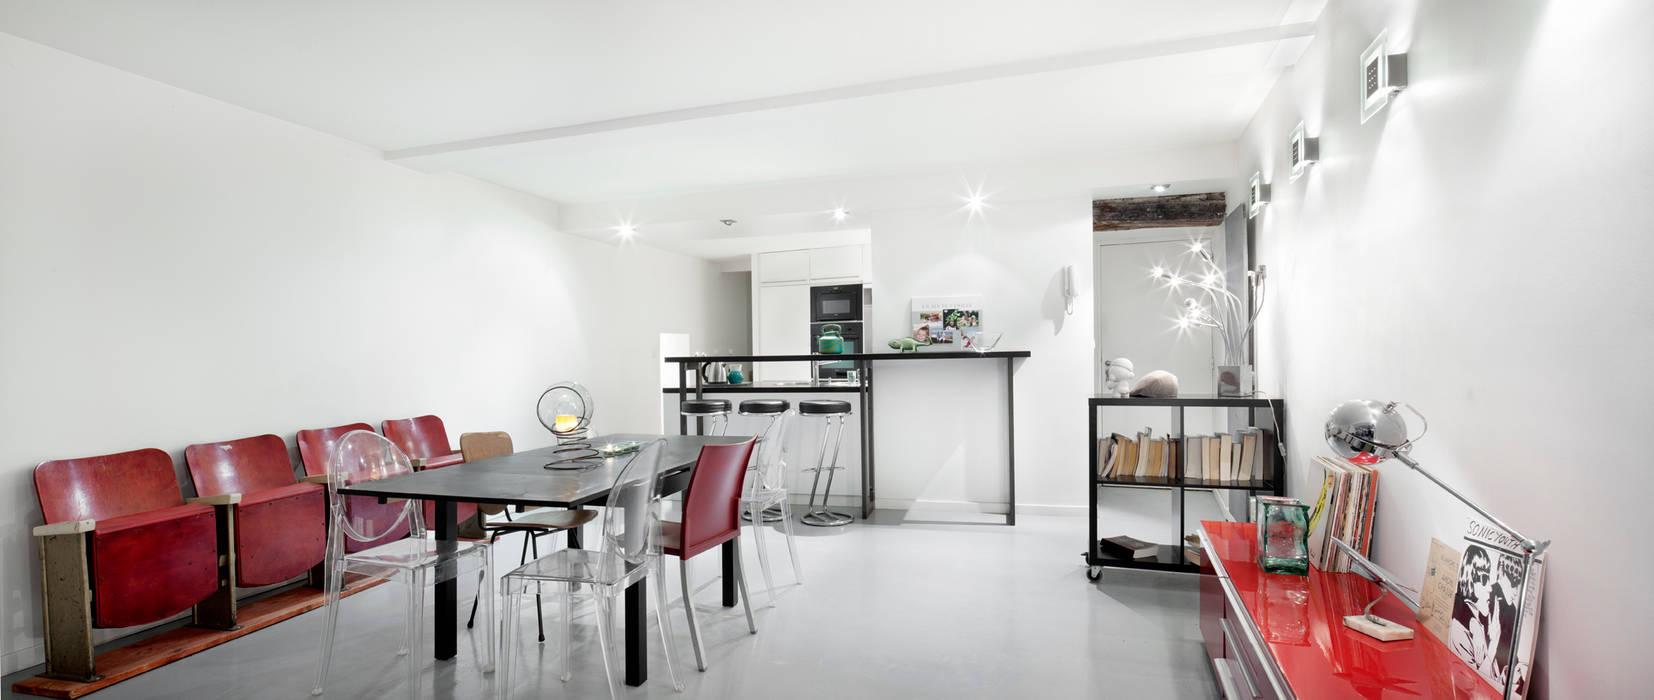 Projet Bodinier: Salle à manger de style de style Minimaliste par Padeker